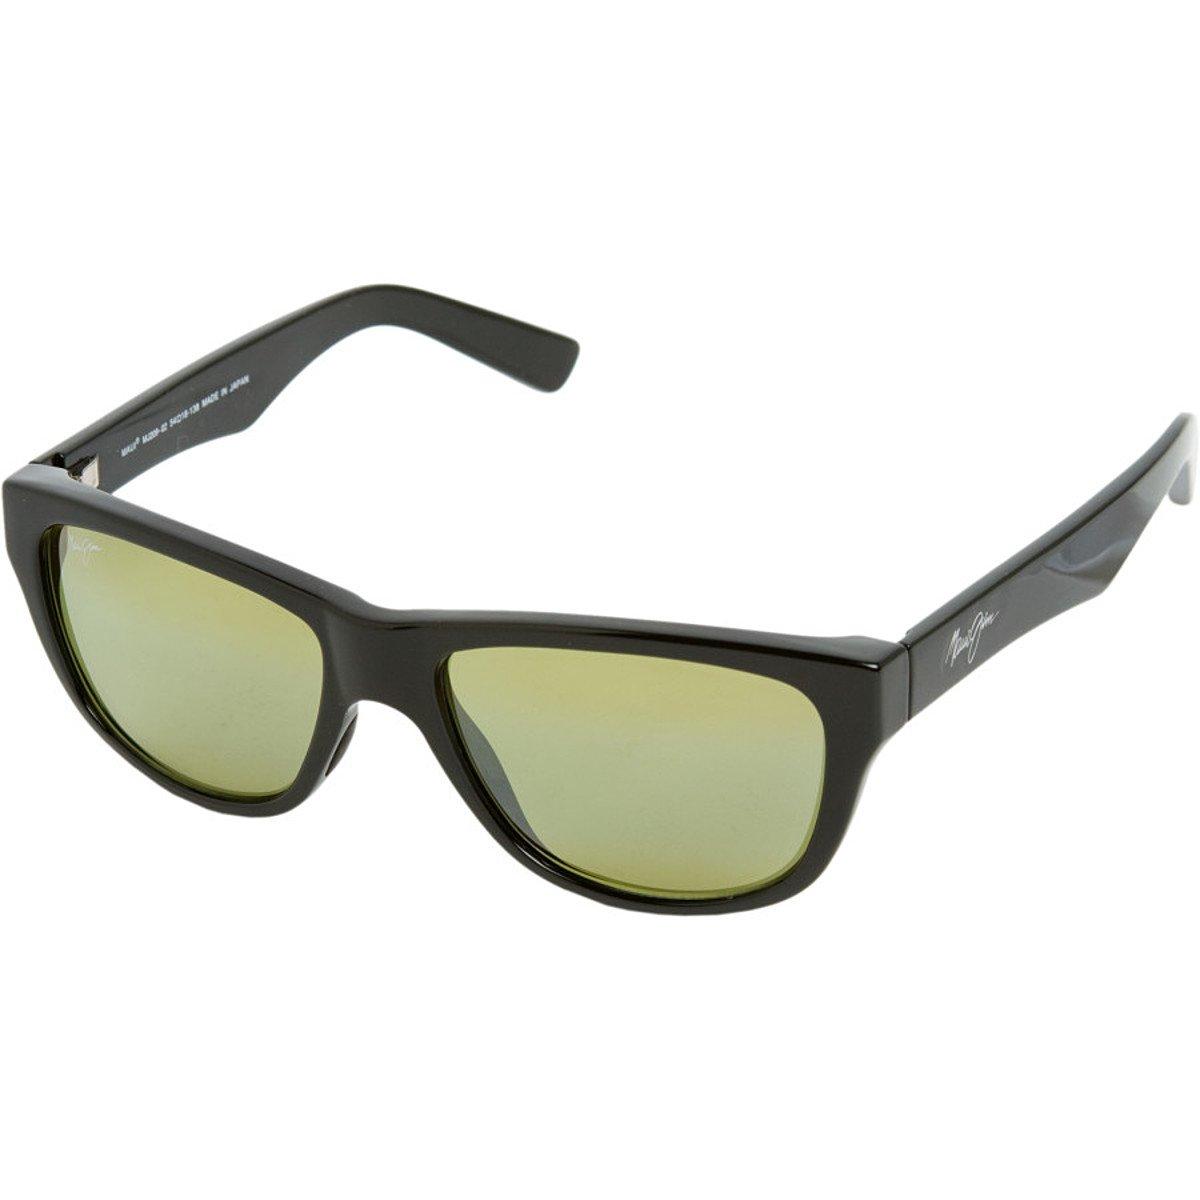 Maui Jim - Gafas de sol - para hombre Gloss Black / High ...